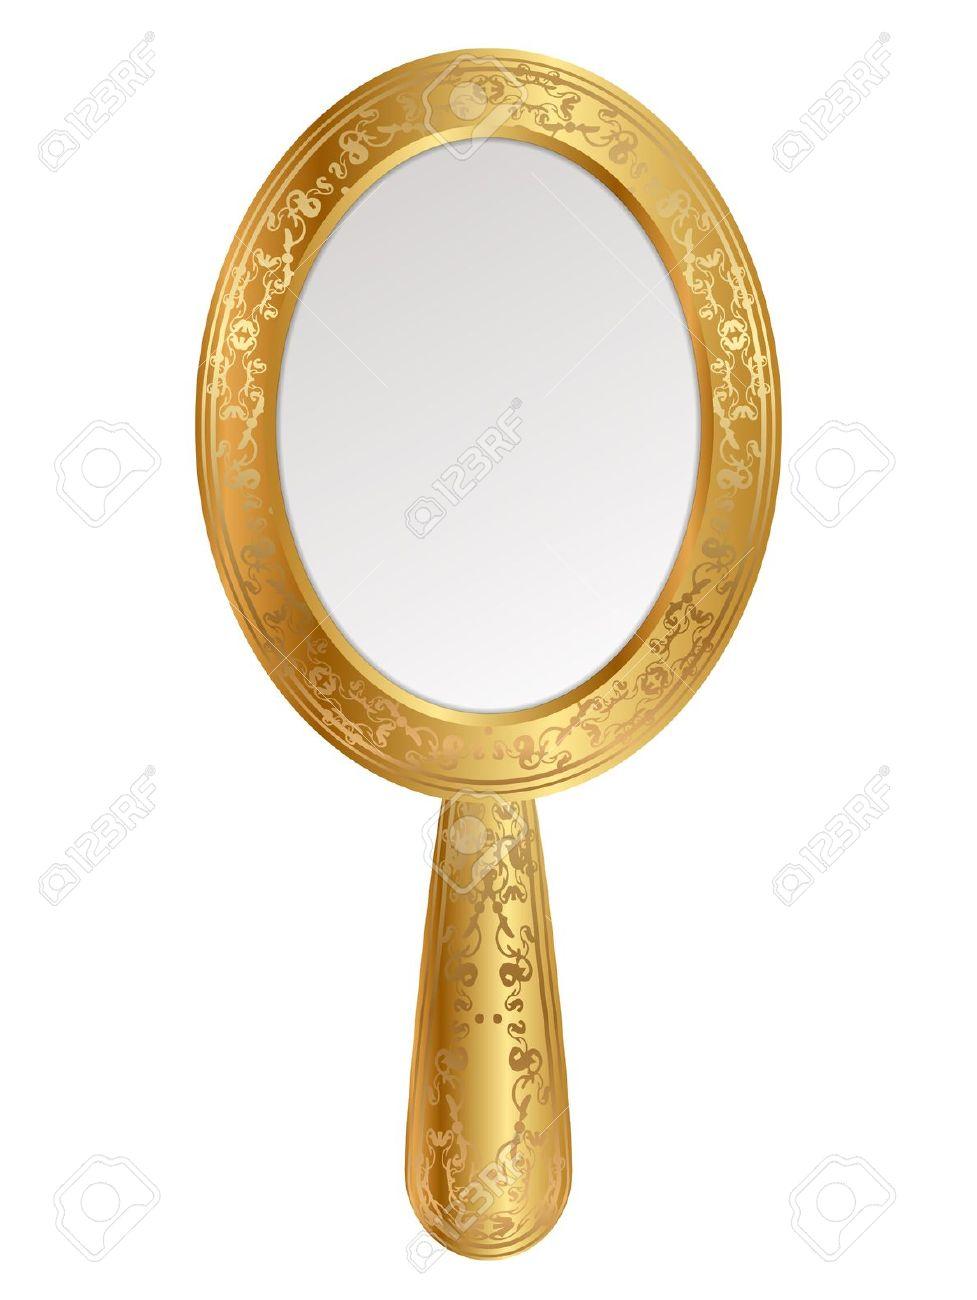 Mirror clipart hand mirror #1